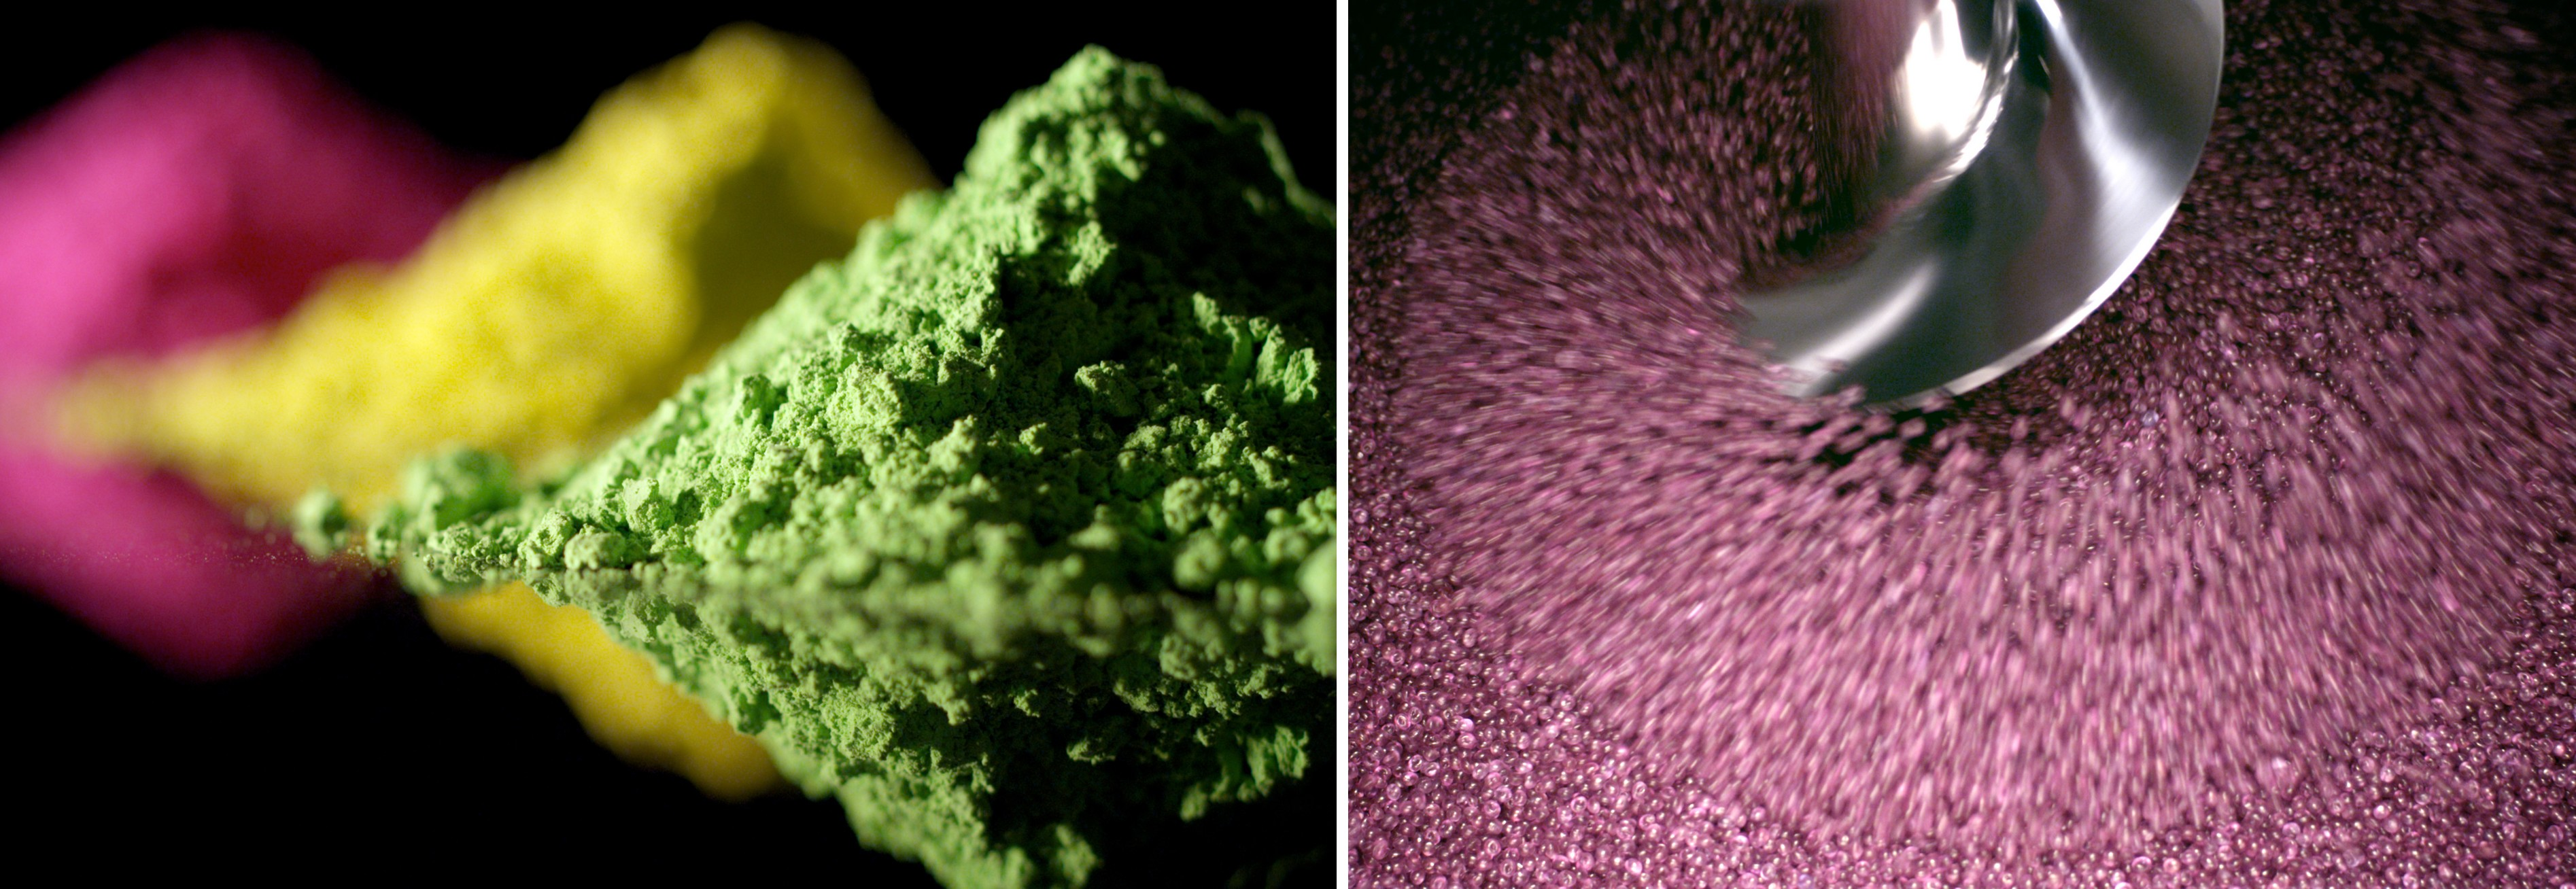 Acuité - Silhouette - Pigments et coloration de la matière première